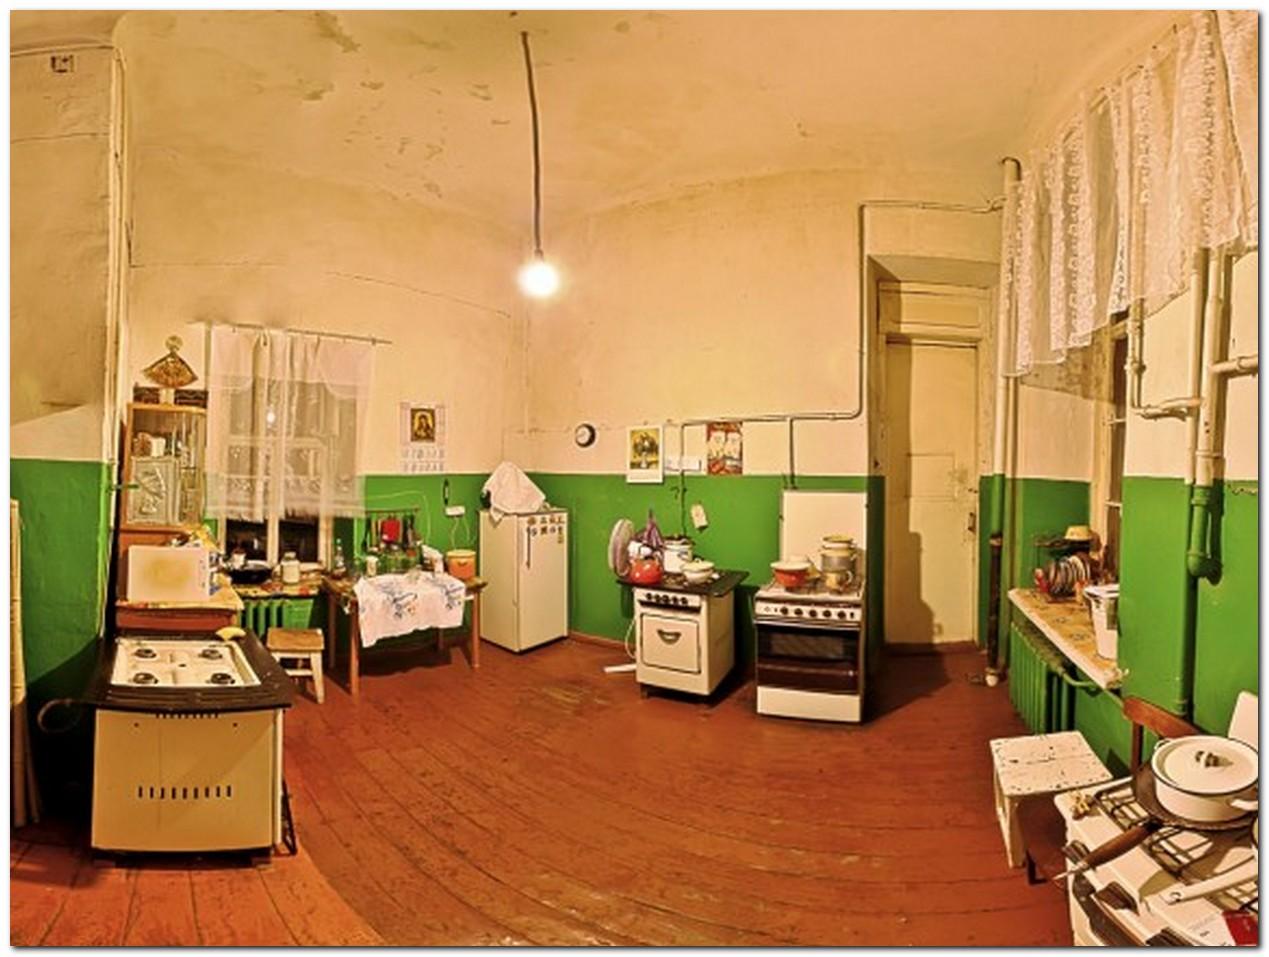 Кухня в коммунальной квартире